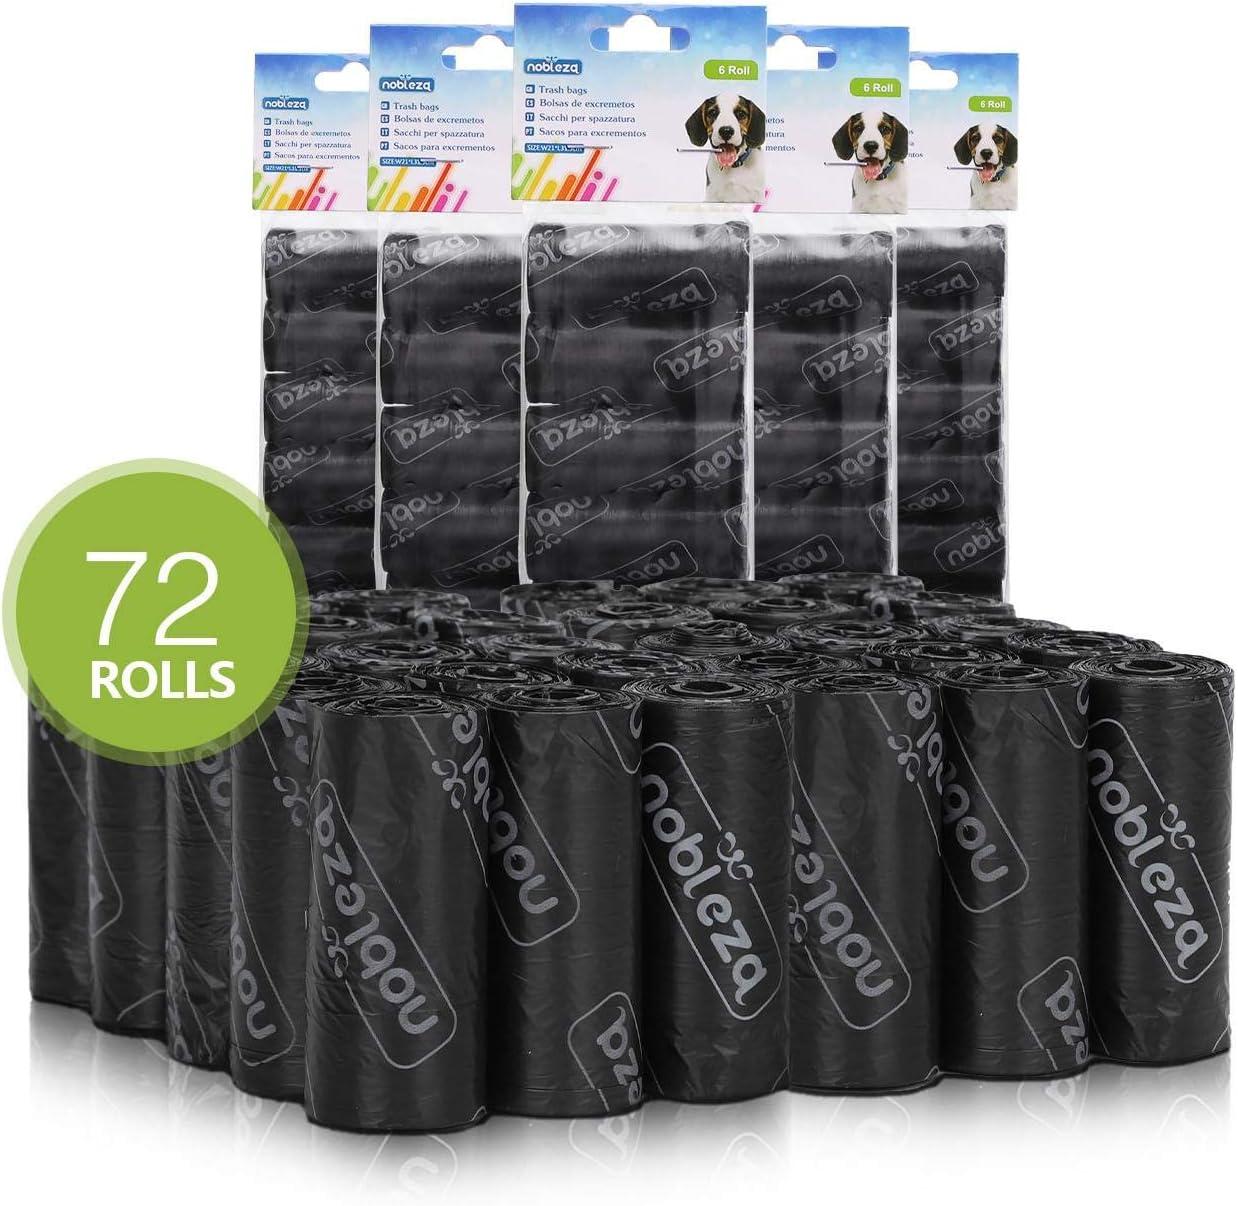 Nobleza - 1080 Conde Bolsas de Caca Perro Bolsas para excrementos de Perros Pack de 72 Rollos. Negro